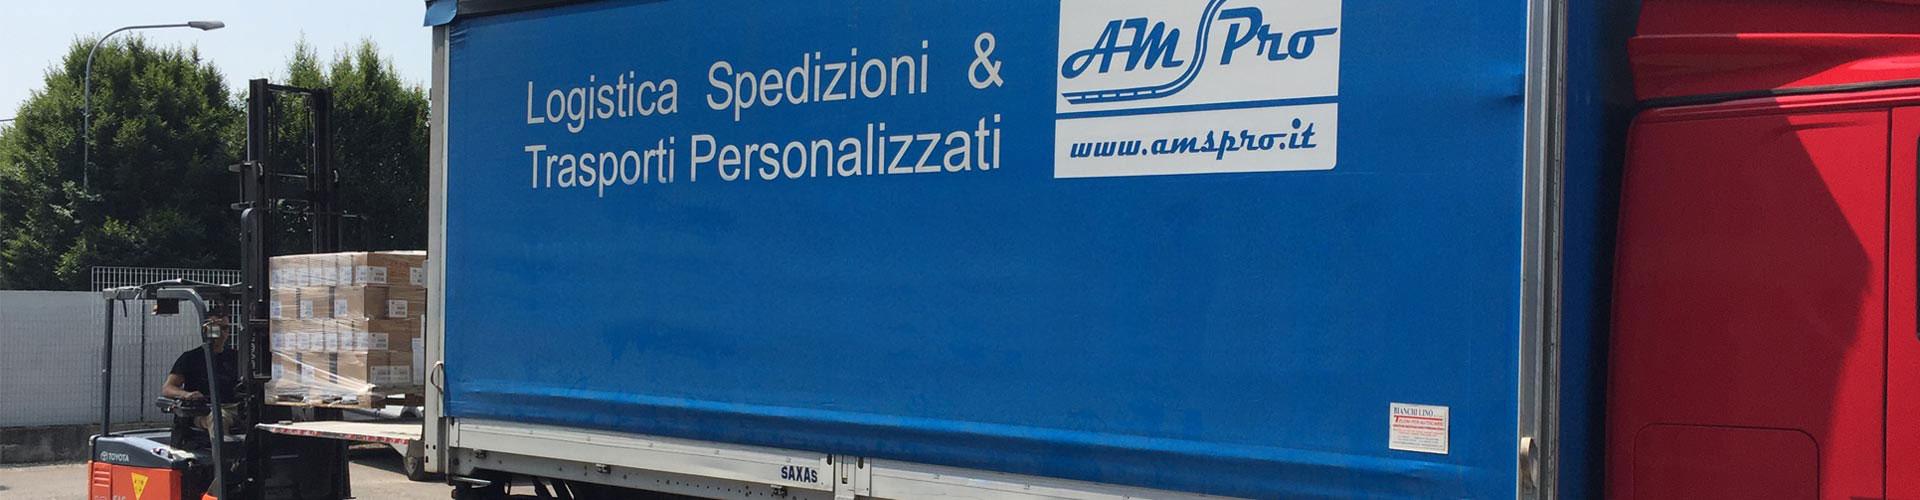 AMS Pro - trasporto